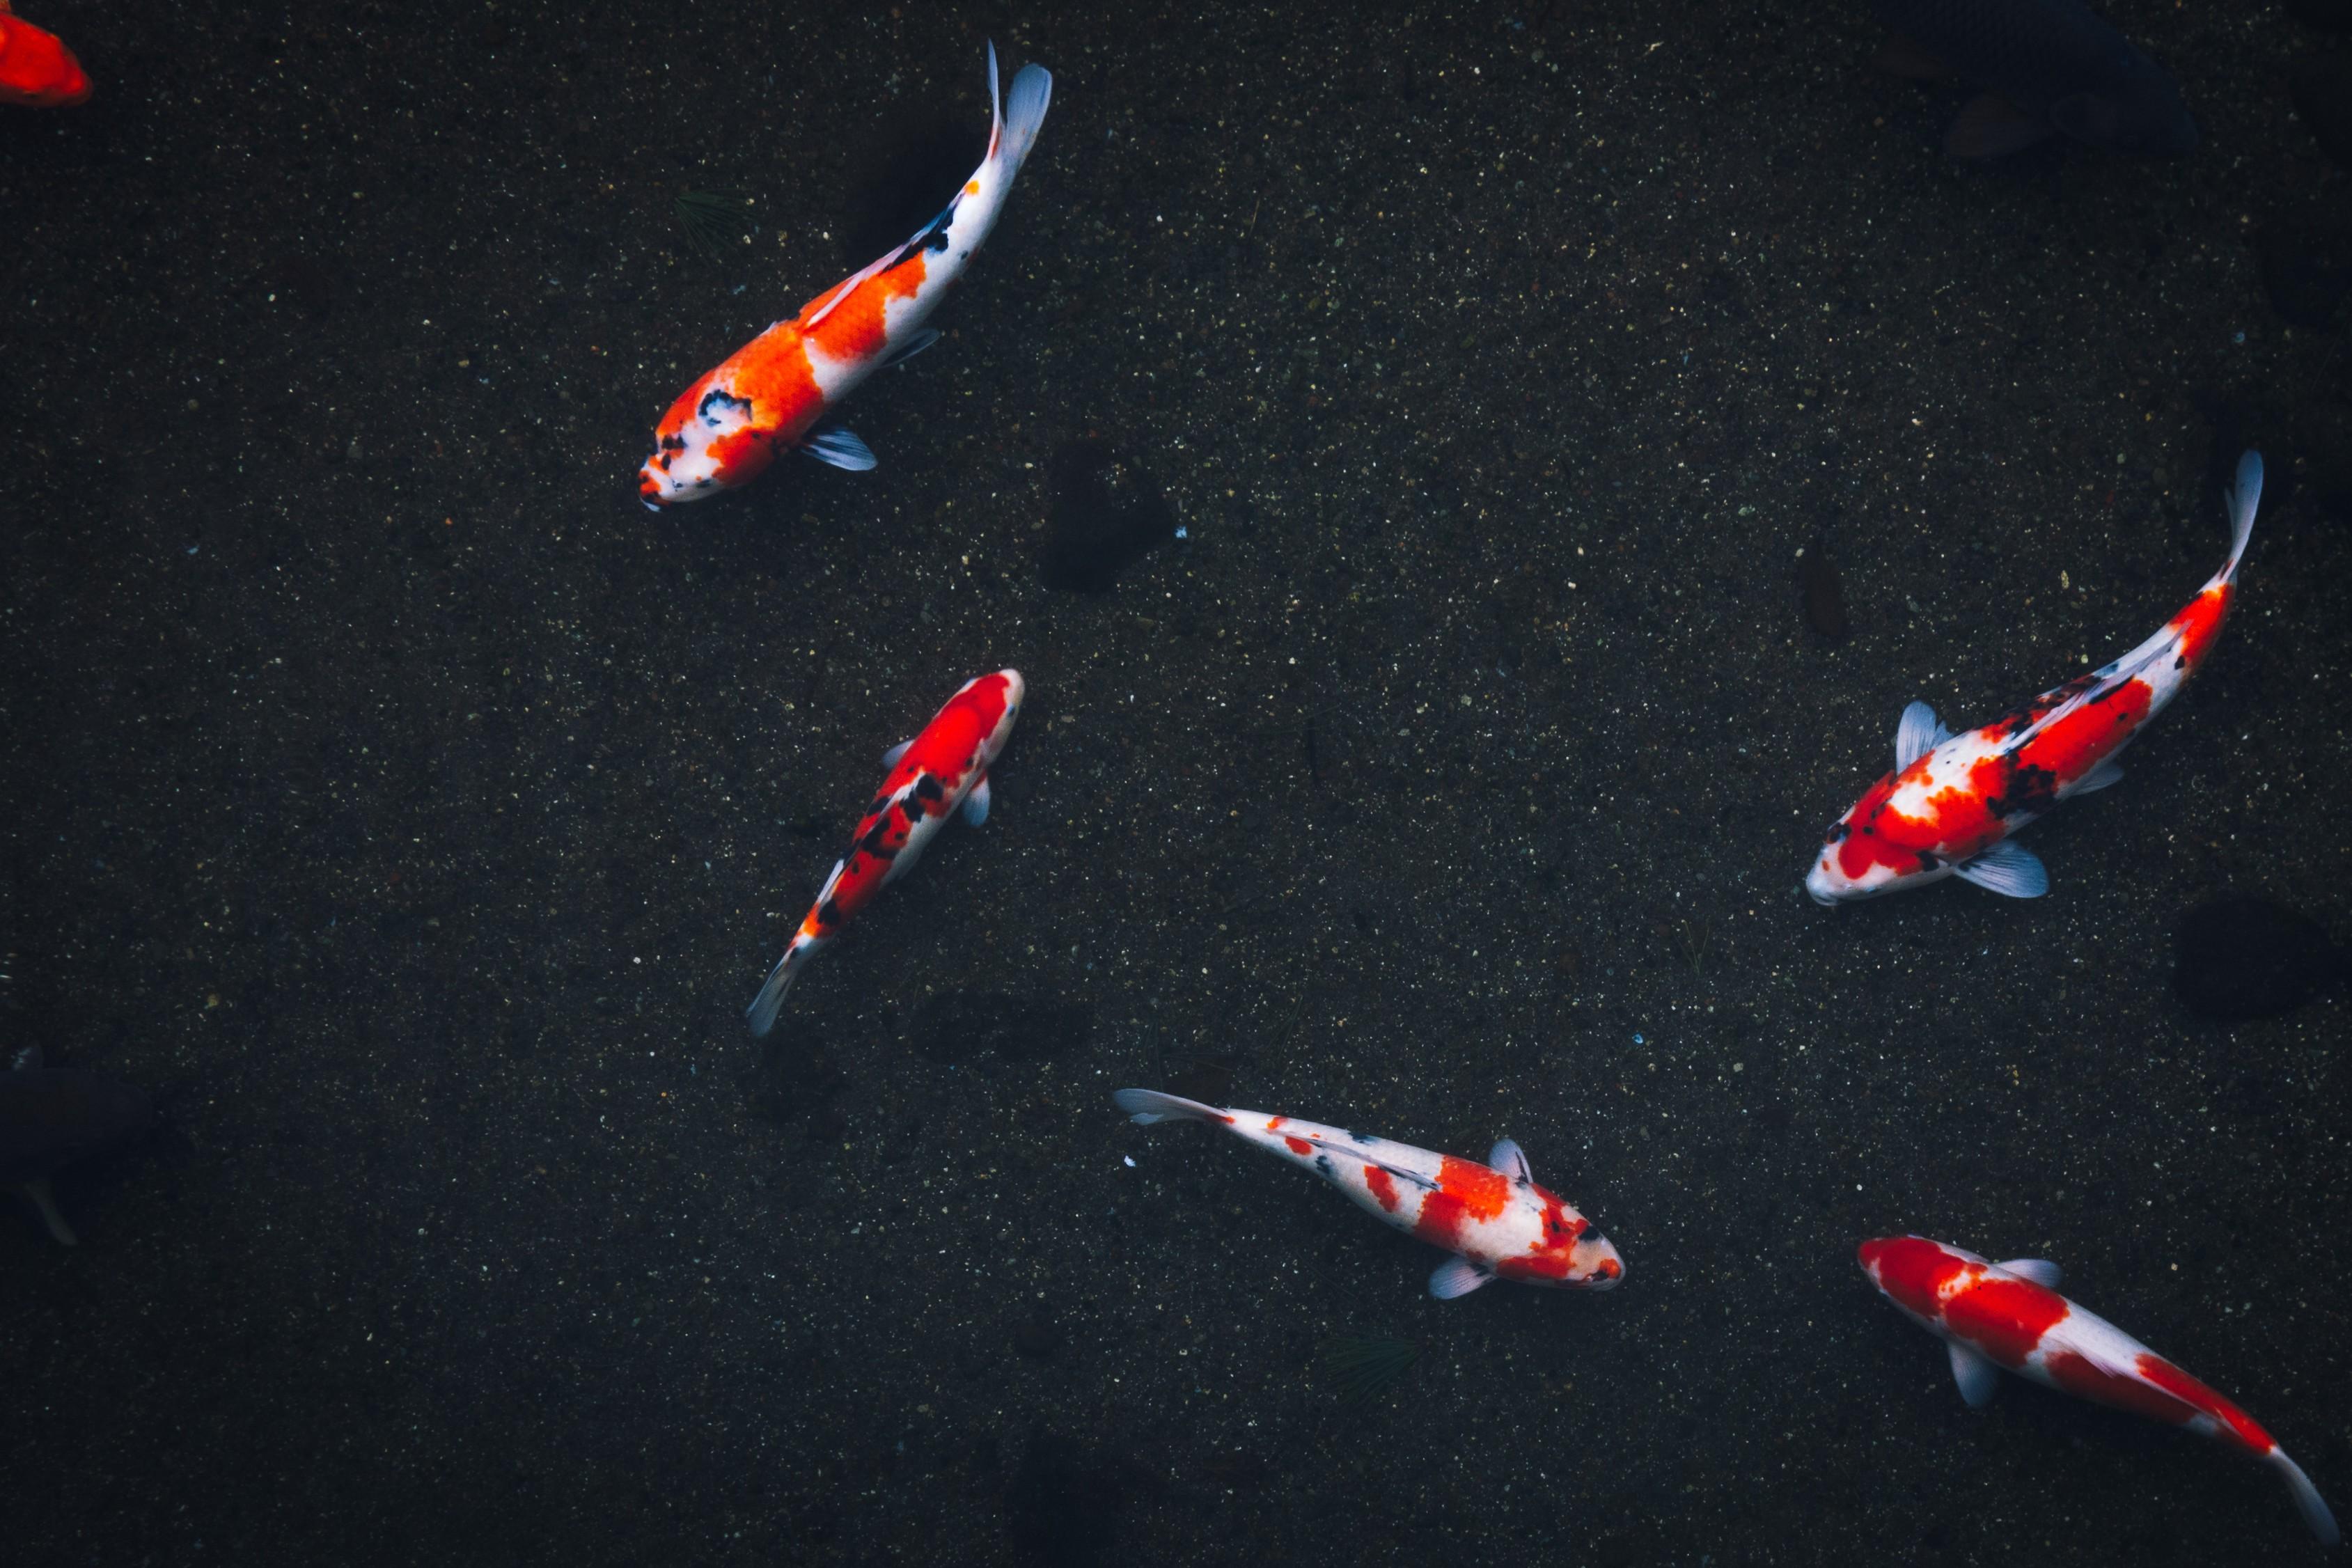 Hình nền cá chép đẹp hấp dẫn nhất